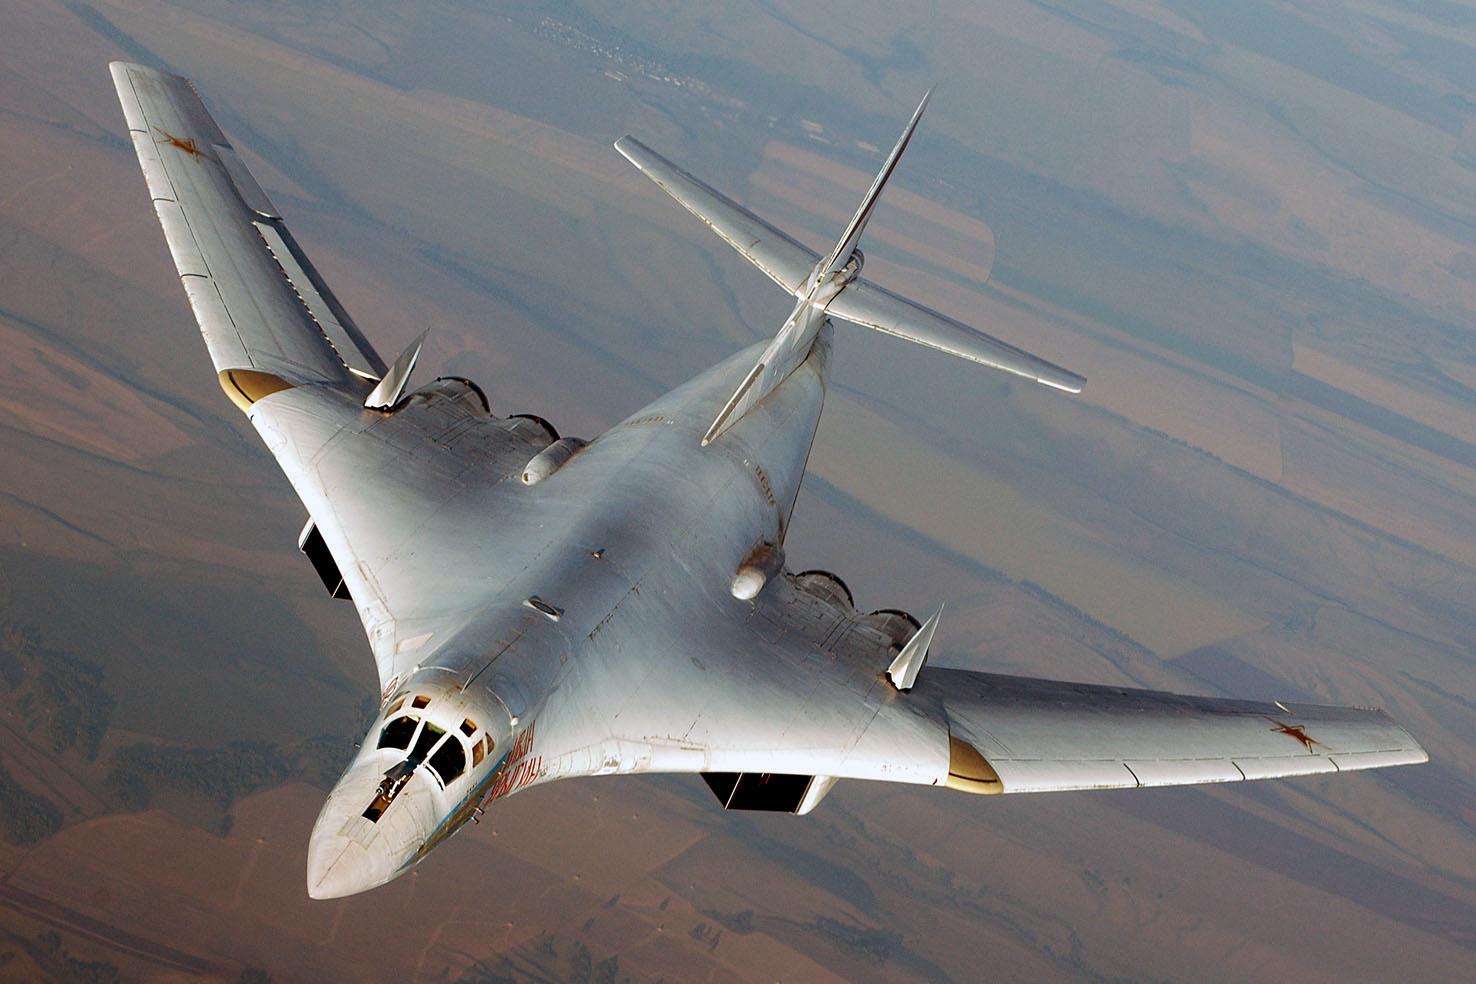 Chế tạo siêu máy bay ném bom, TQ nhái thiết kế Nga-Mỹ - 2